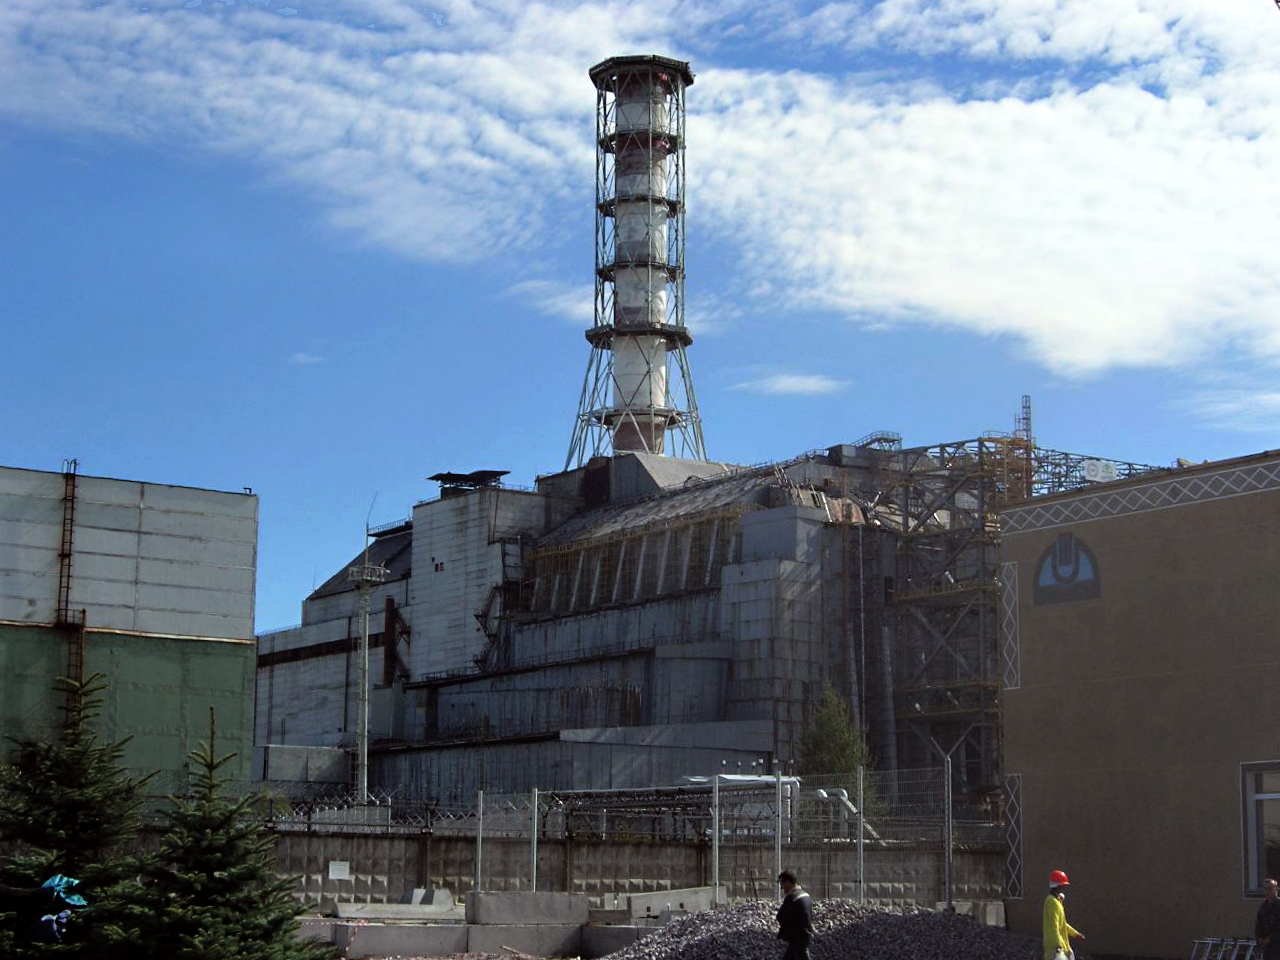 Fukushima's legacy: radiation poisoning or psychosocial damage?